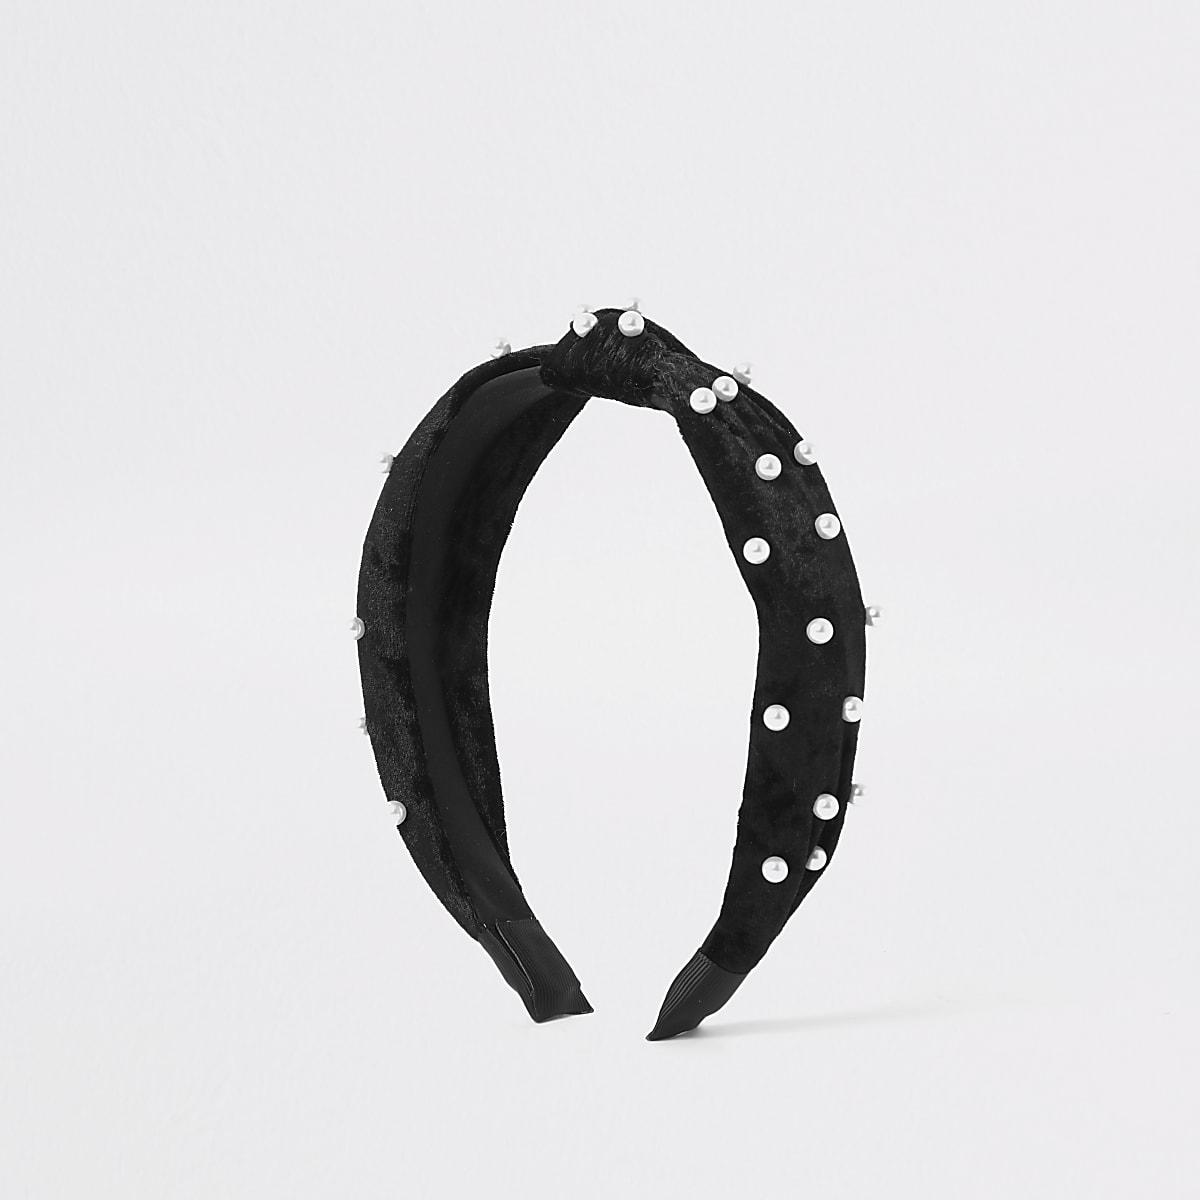 Zwarte fluwelen geknoopte hoofdband met parels